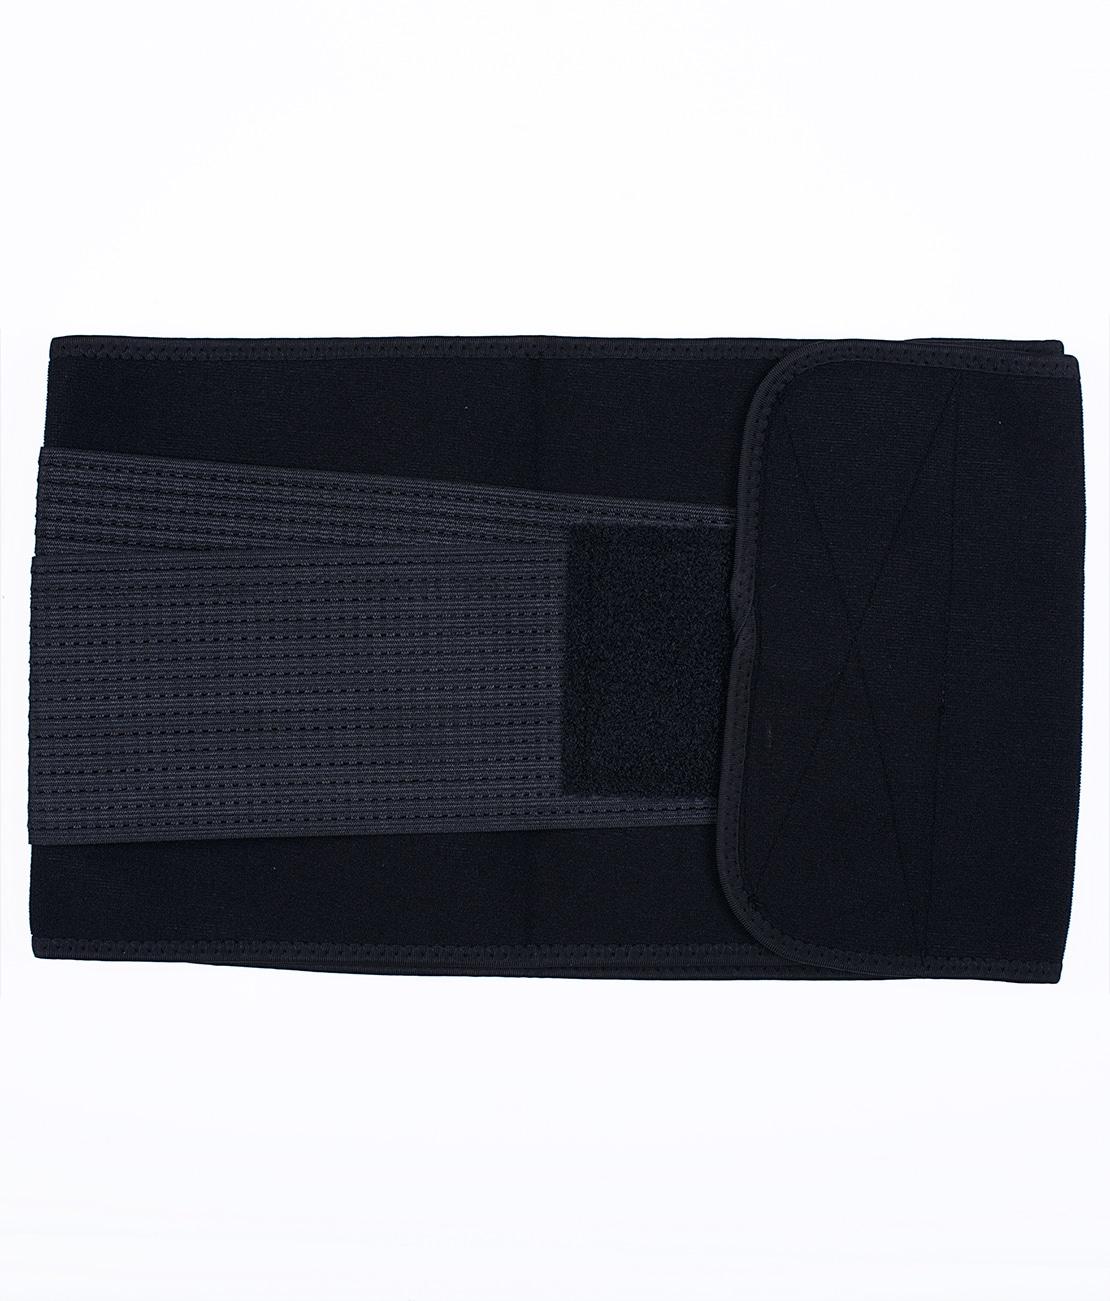 Ceinture de Sudation Noire Packshot Back